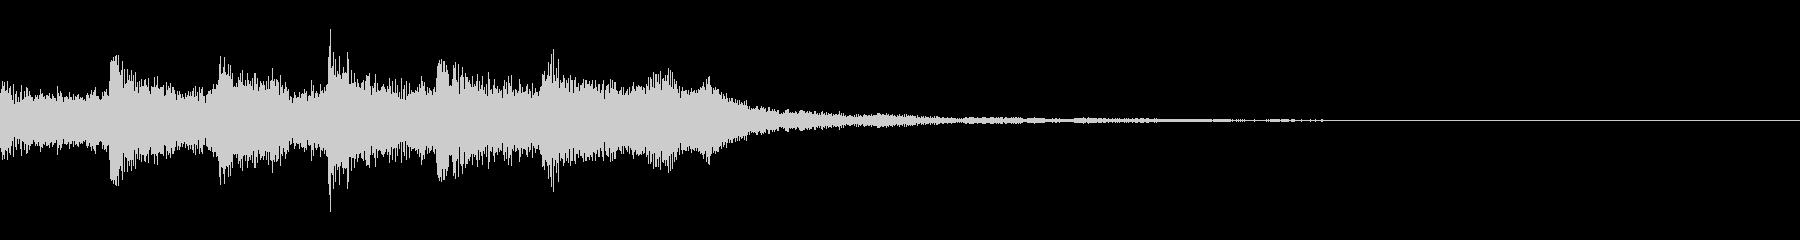 幻想的なチャイコフスキーのピアノ協奏曲の未再生の波形